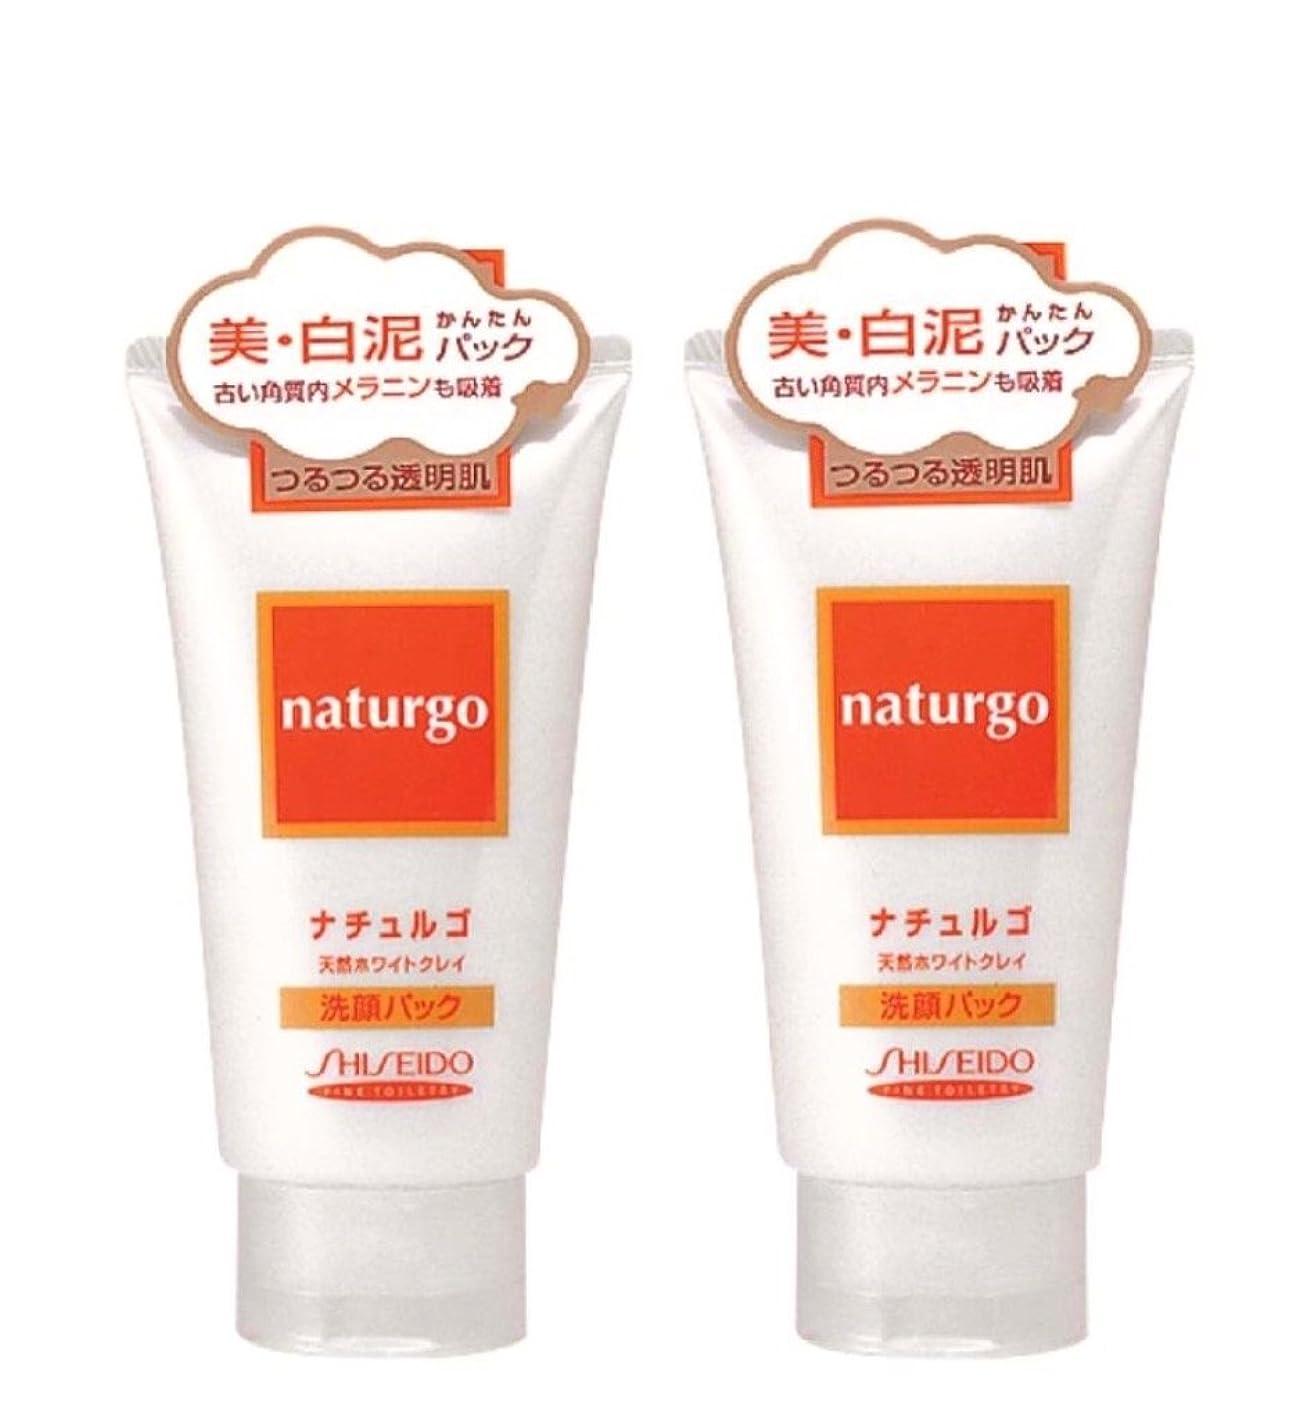 浪費雨リンケージ【まとめ買い】ナチュルゴ 天然ホワイトクレイ洗顔パック 120g ×2セット